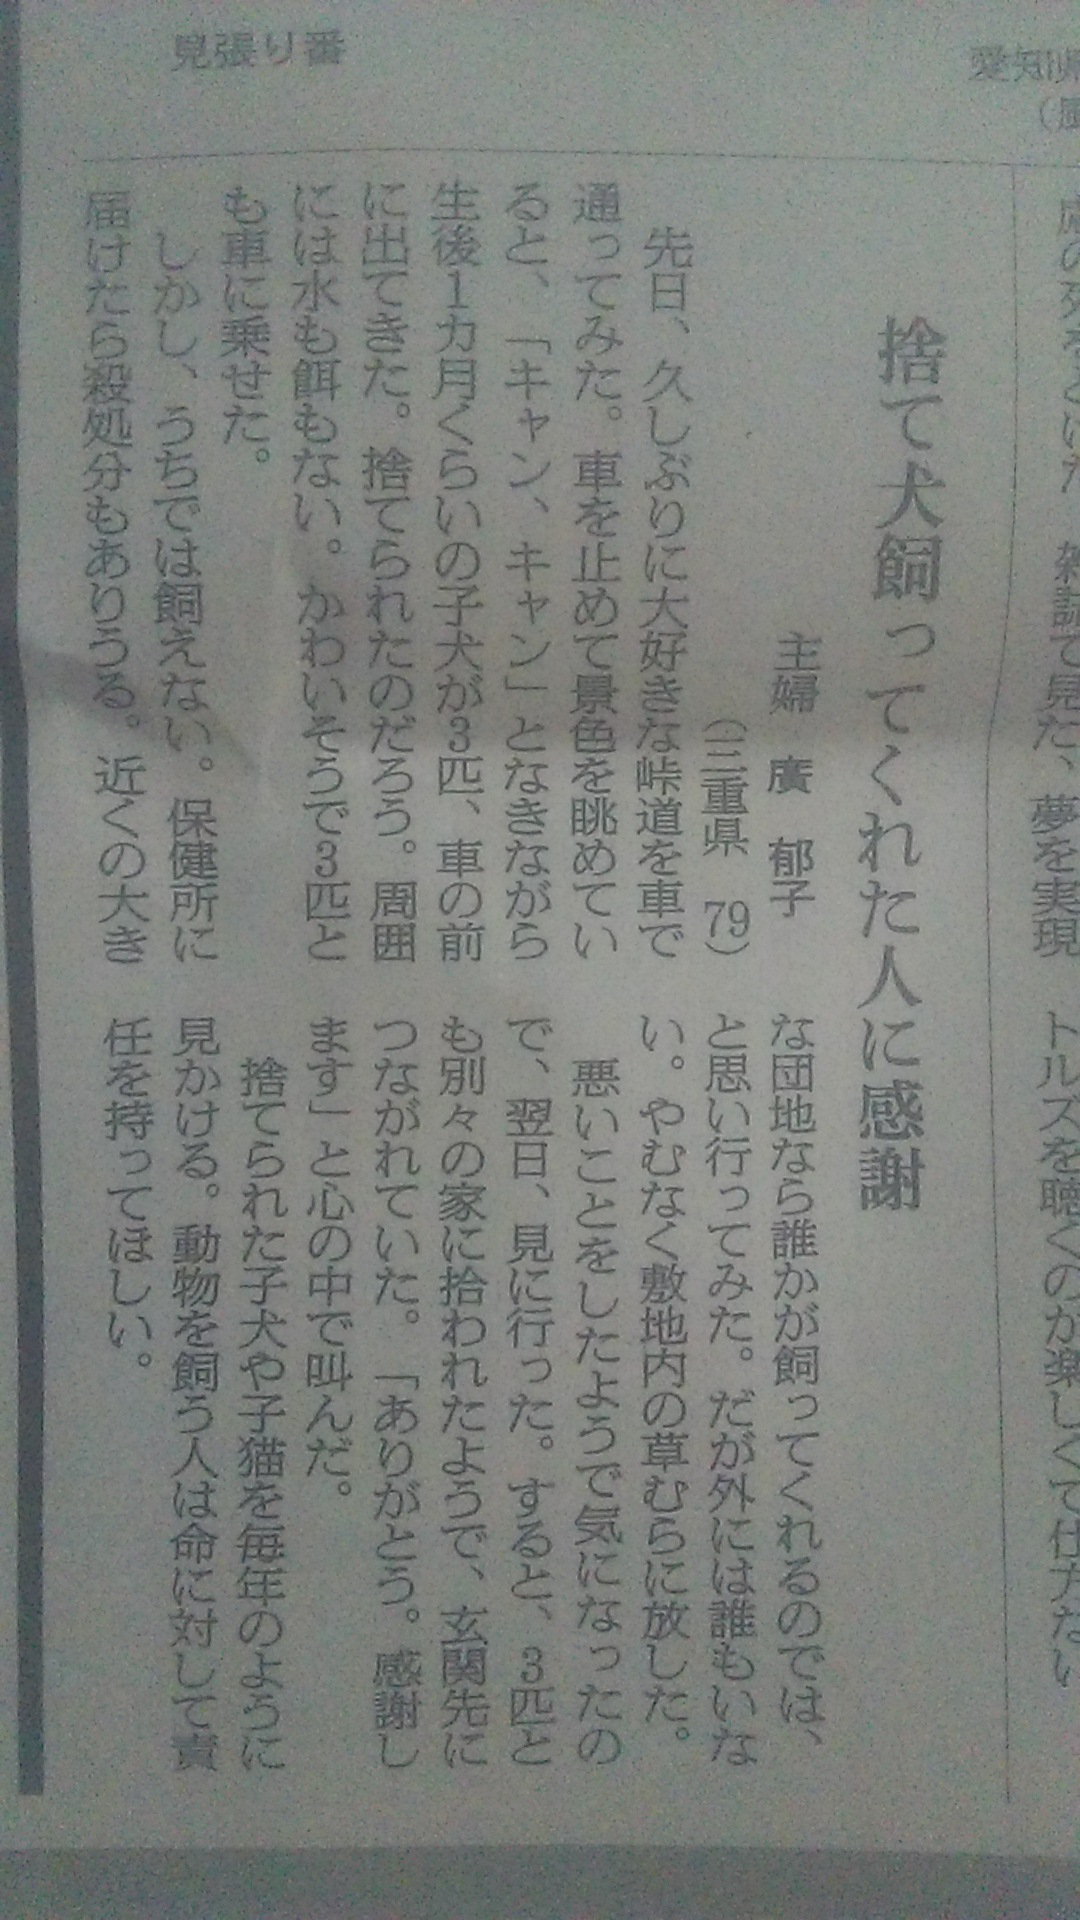 犬を捨てたとしか読めない、朝日の読者投稿_c0338136_15385593.jpg